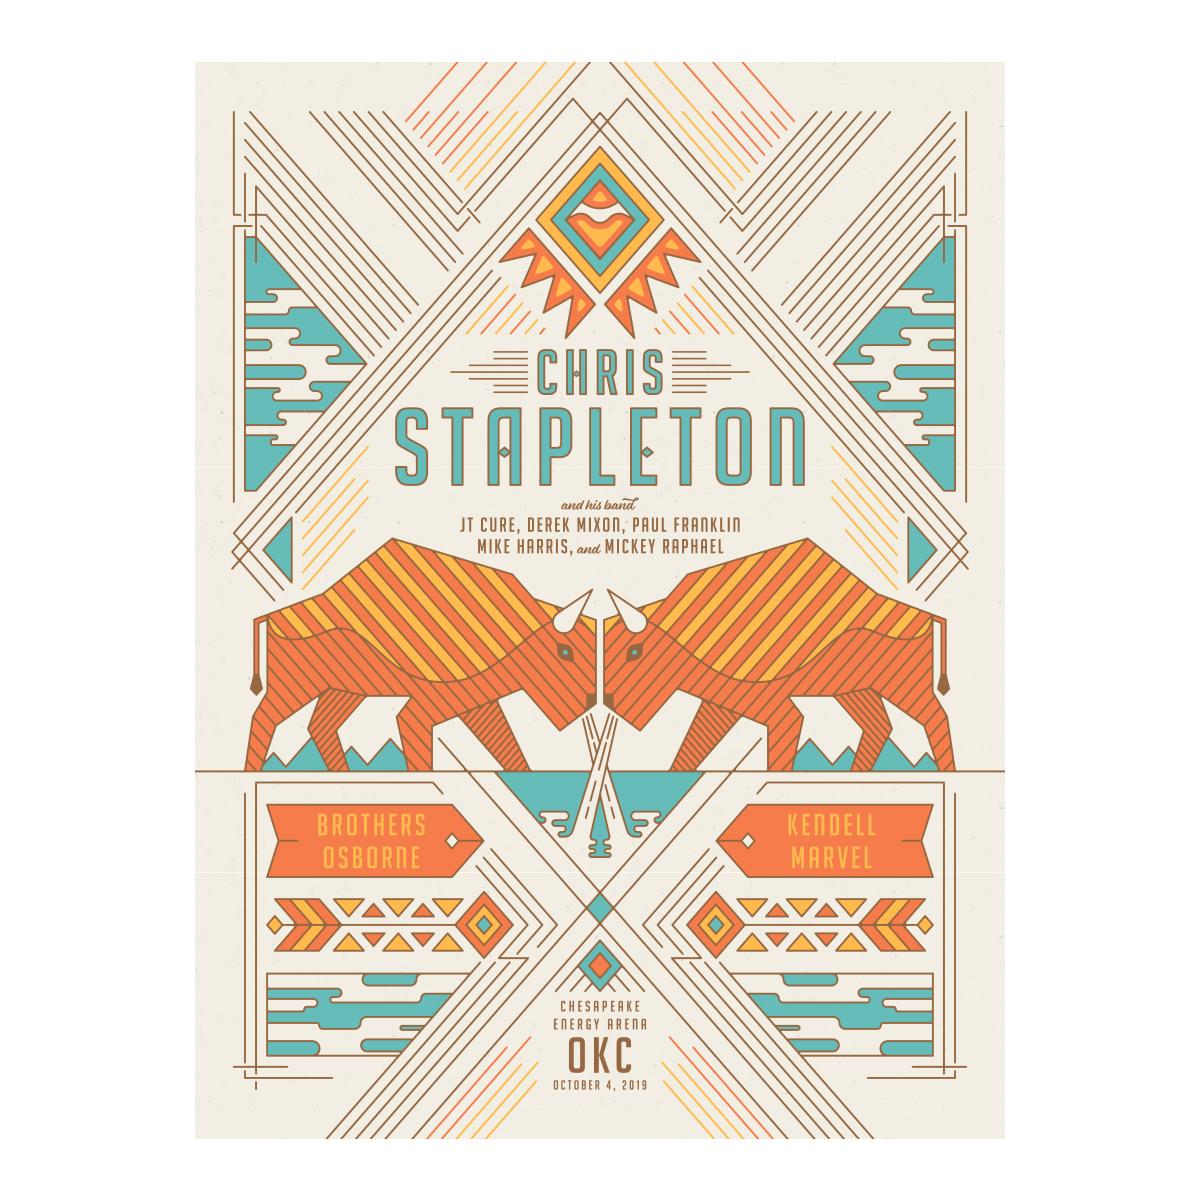 Chris Stapleton Show Poster – Oklahoma City, OK 10/4/19